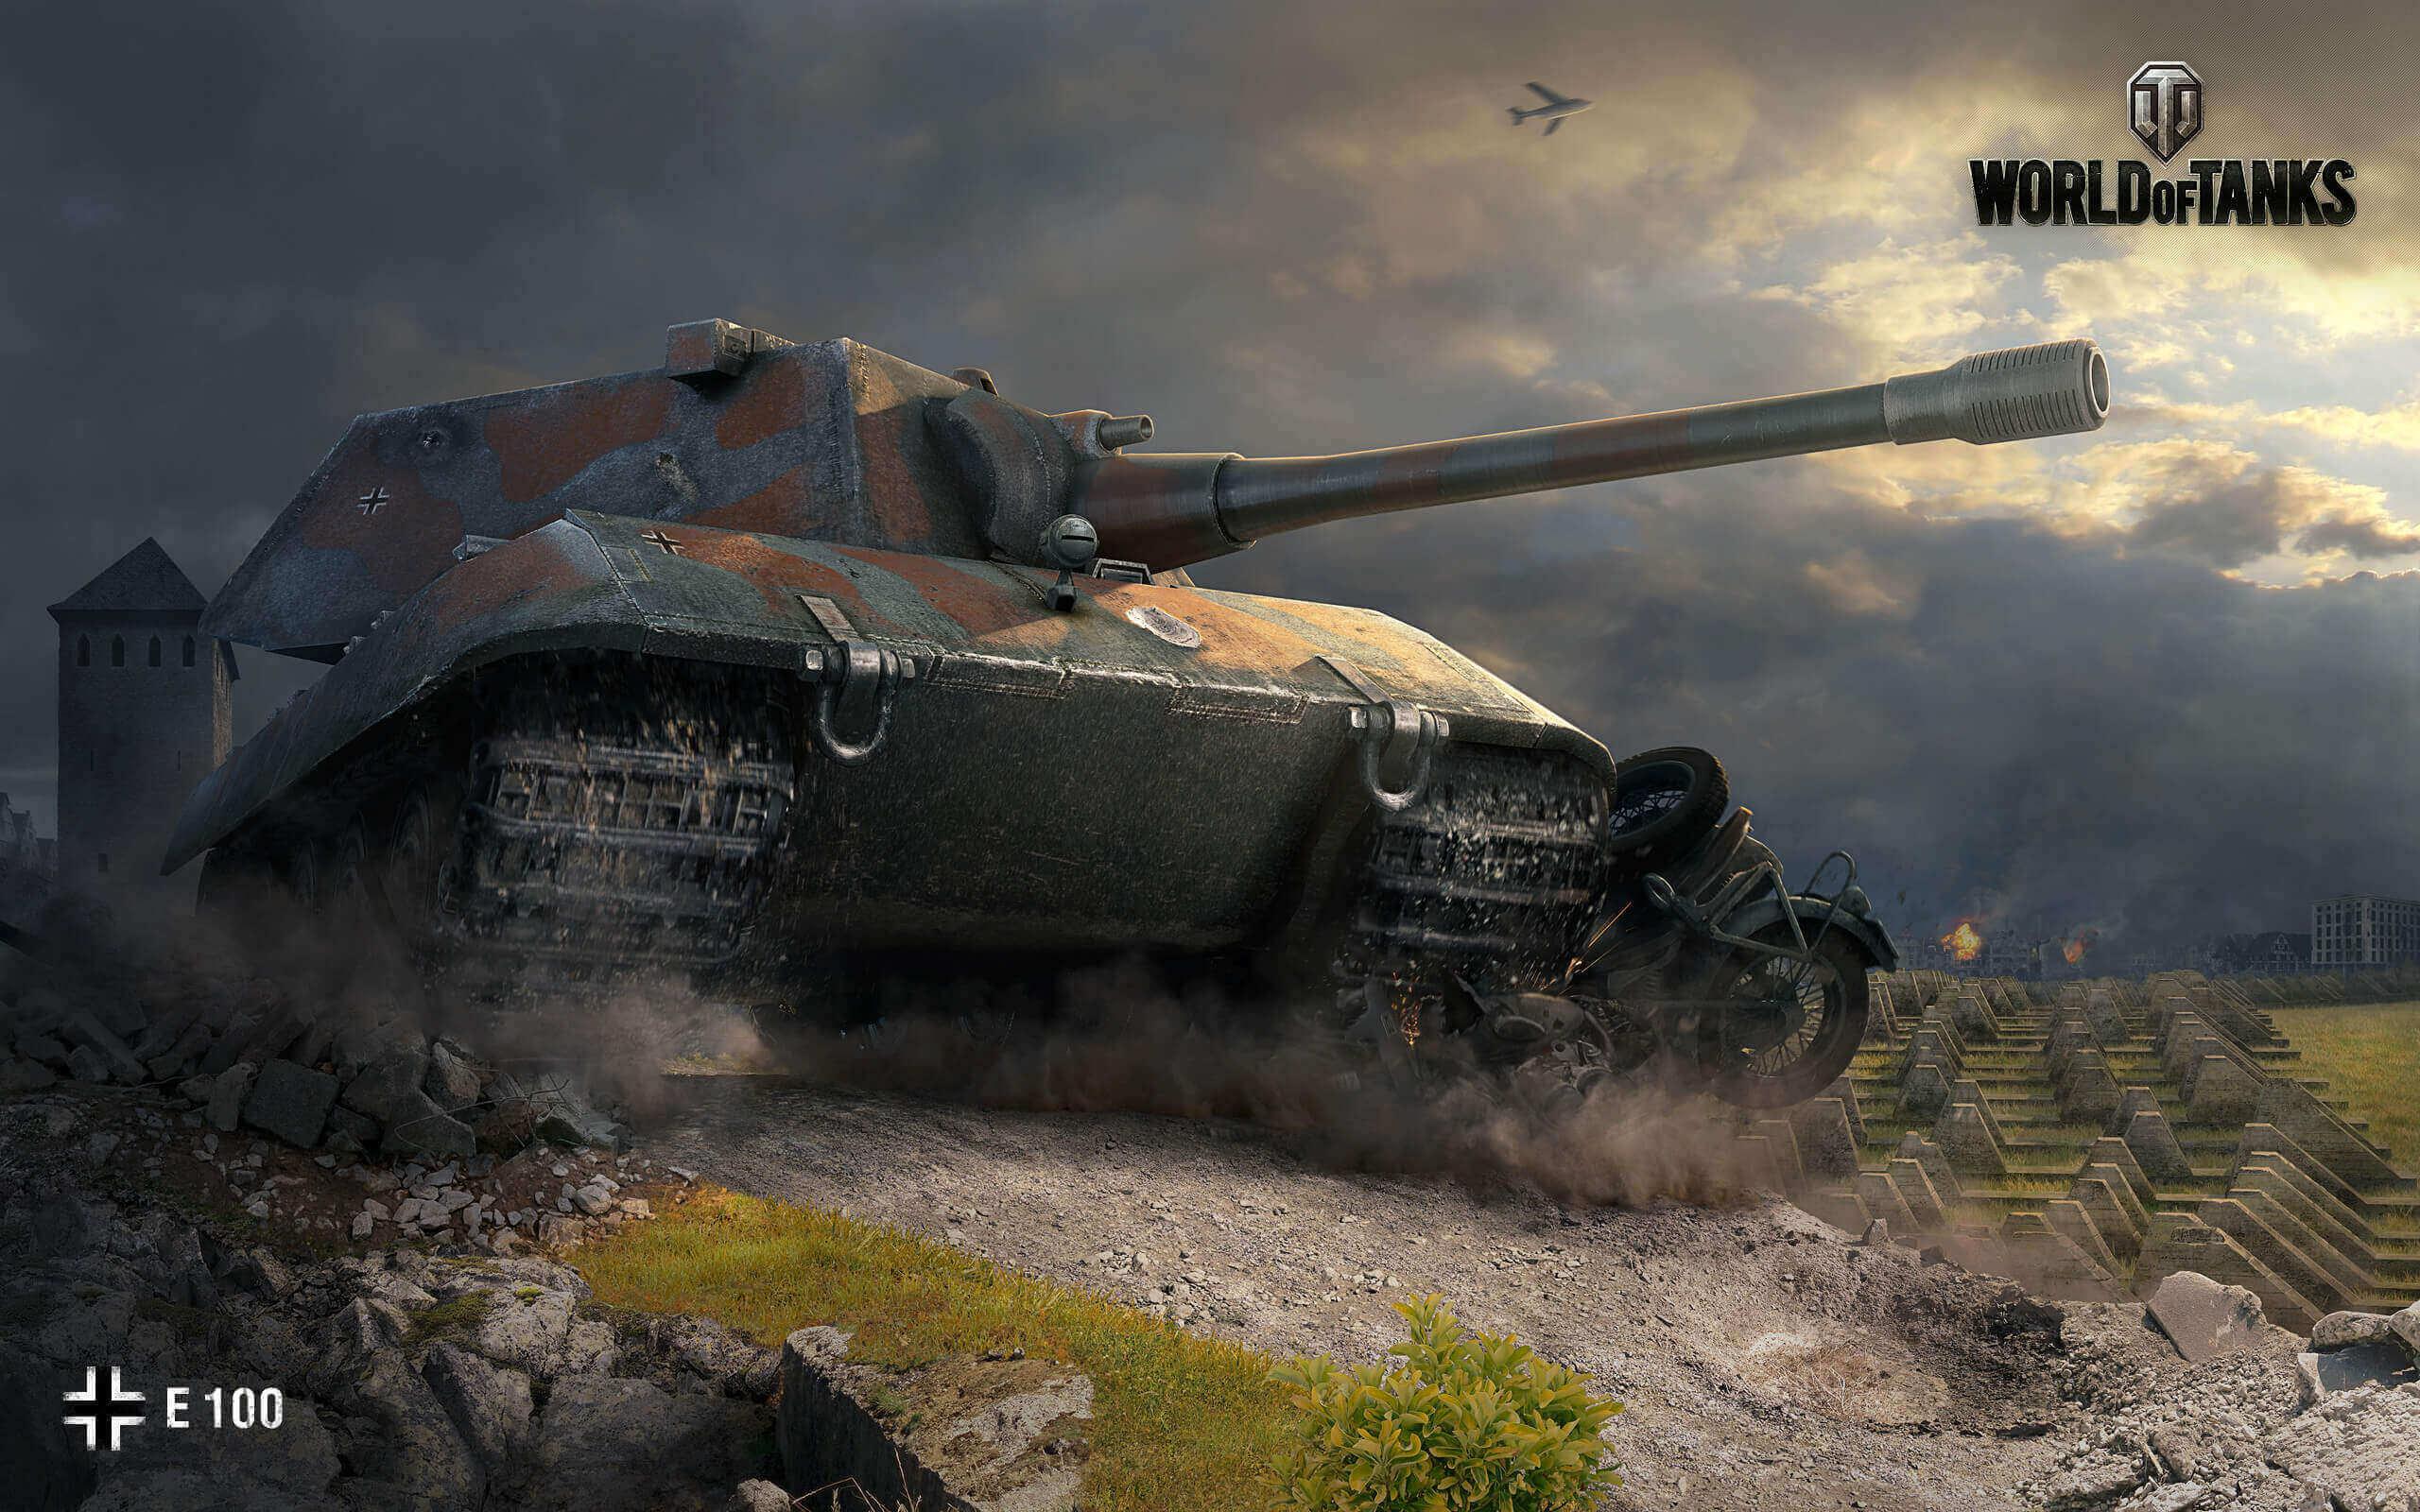 2013年11月壁紙: E 100 | 戦車: World of Tanks メディア、最高のビデオやアートワーク